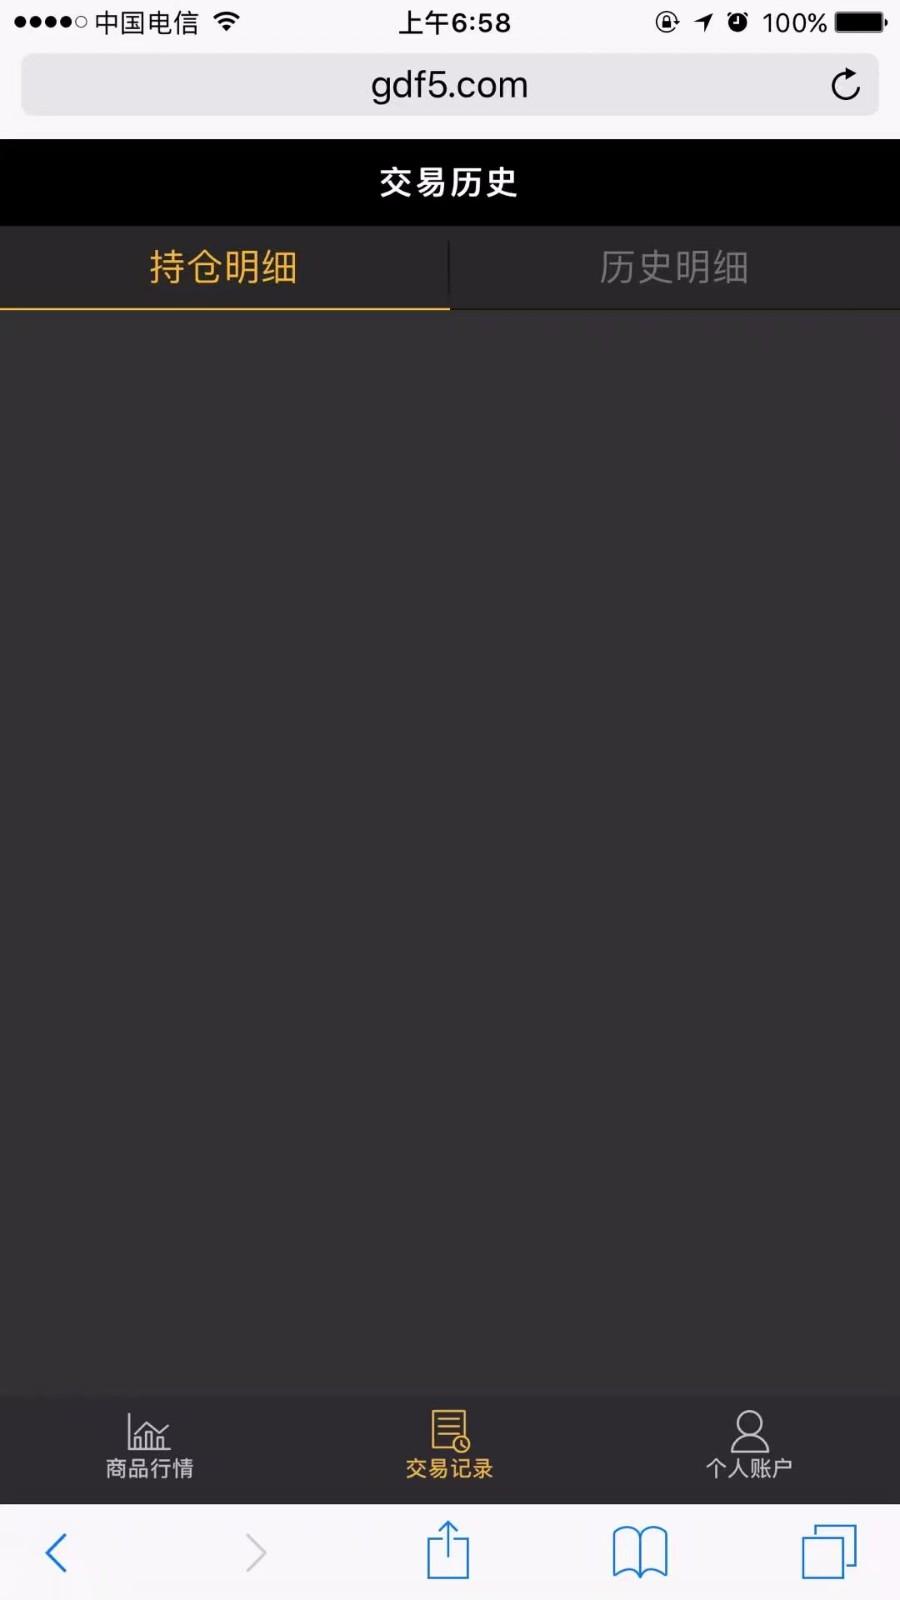 2017微交易系统源码/微盘/现货交易平台贵金属二元期权交易平台微交易平台云交